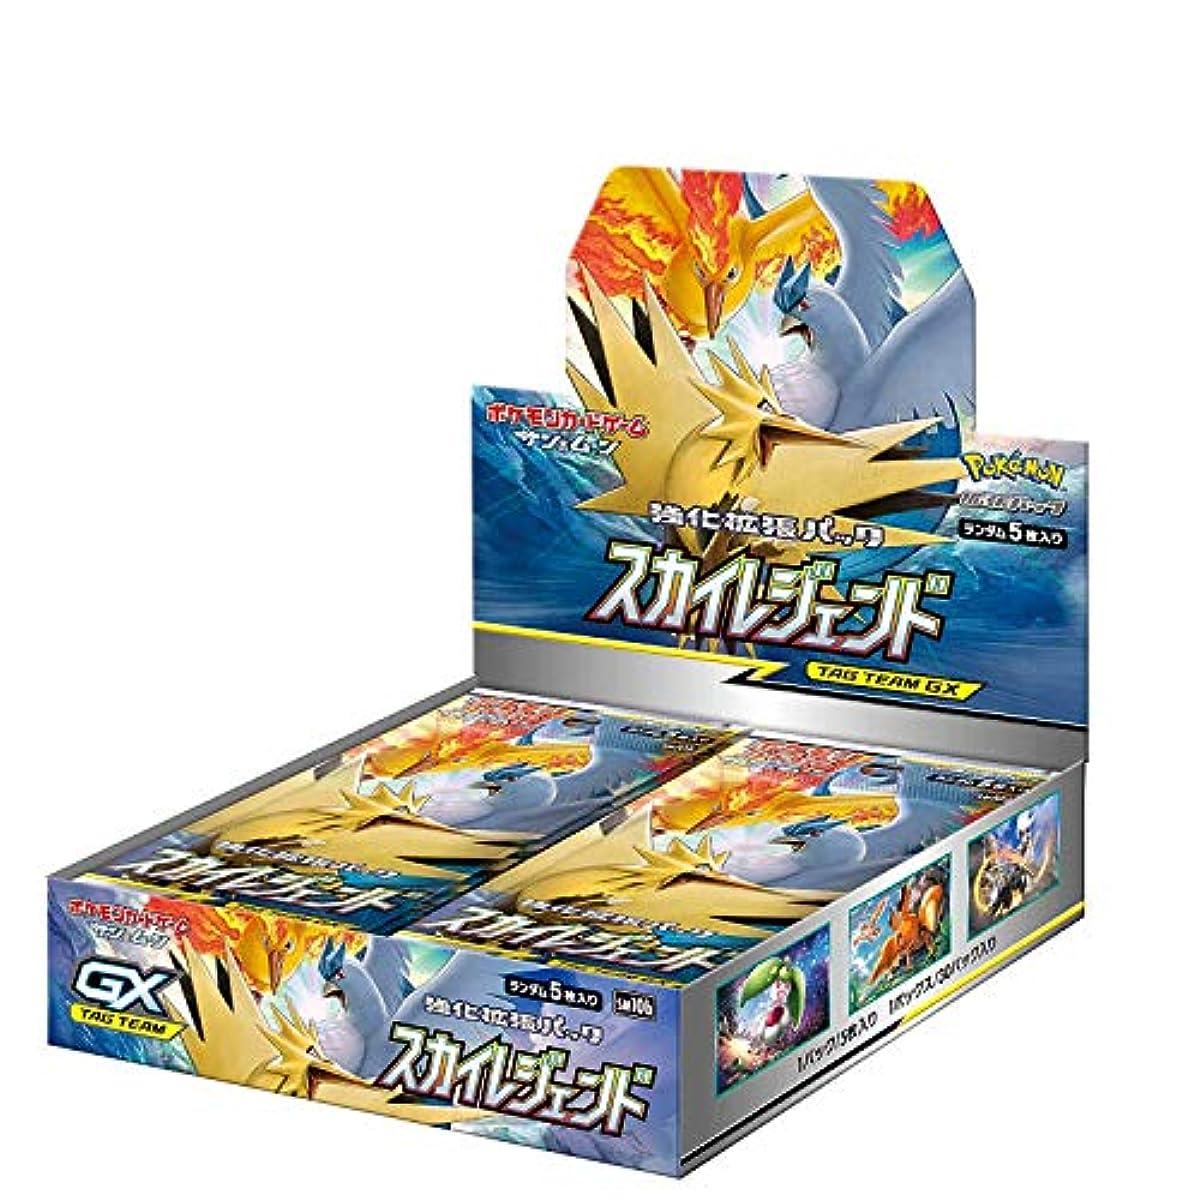 [해외] 포켓몬 카드 게임 썬&문 강화 확장 팩「 스카이 레전드」 BOX